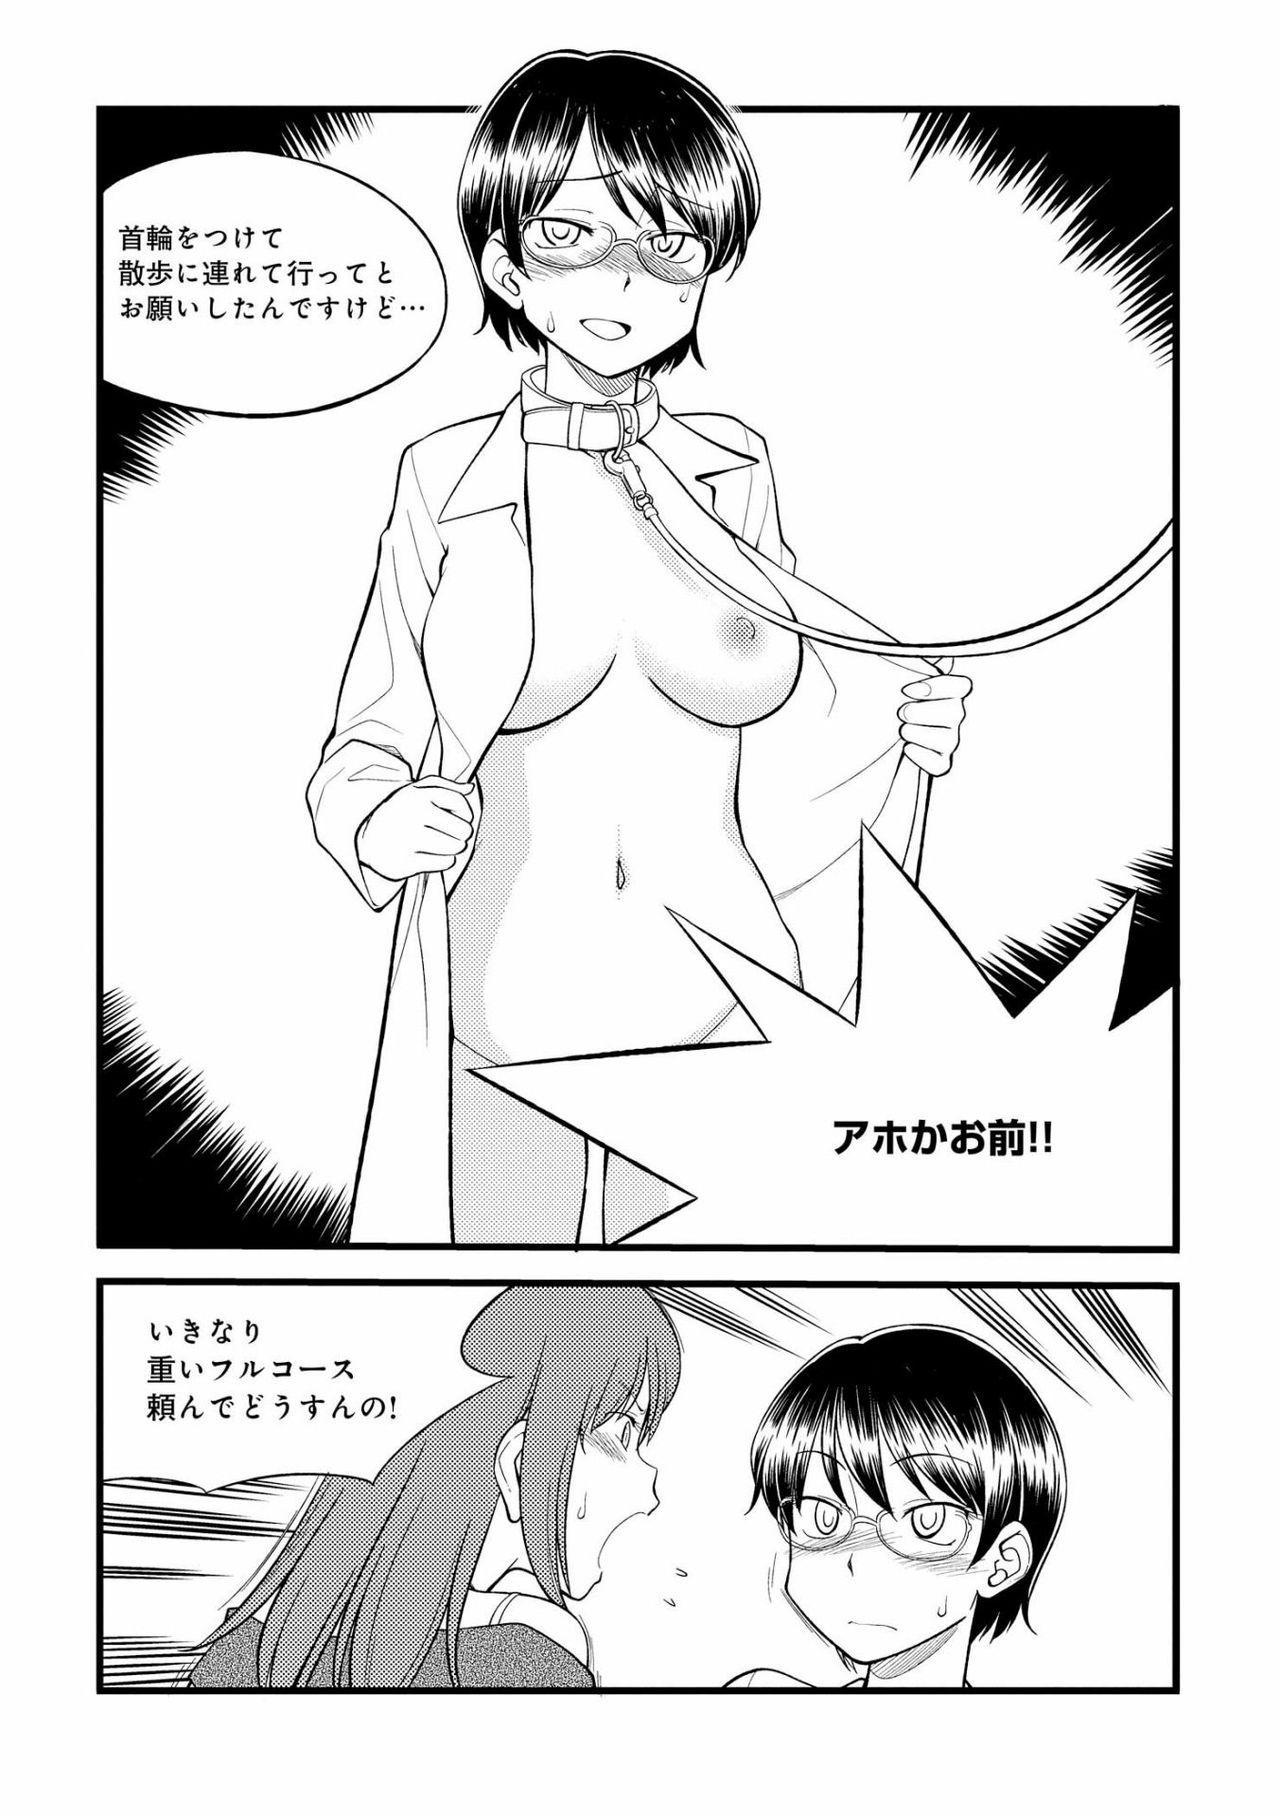 [Mitsuba] Karada mo Kokoro mo Boku no Mono ~Hajimete no SM Guide~ 2 [Digital] 22